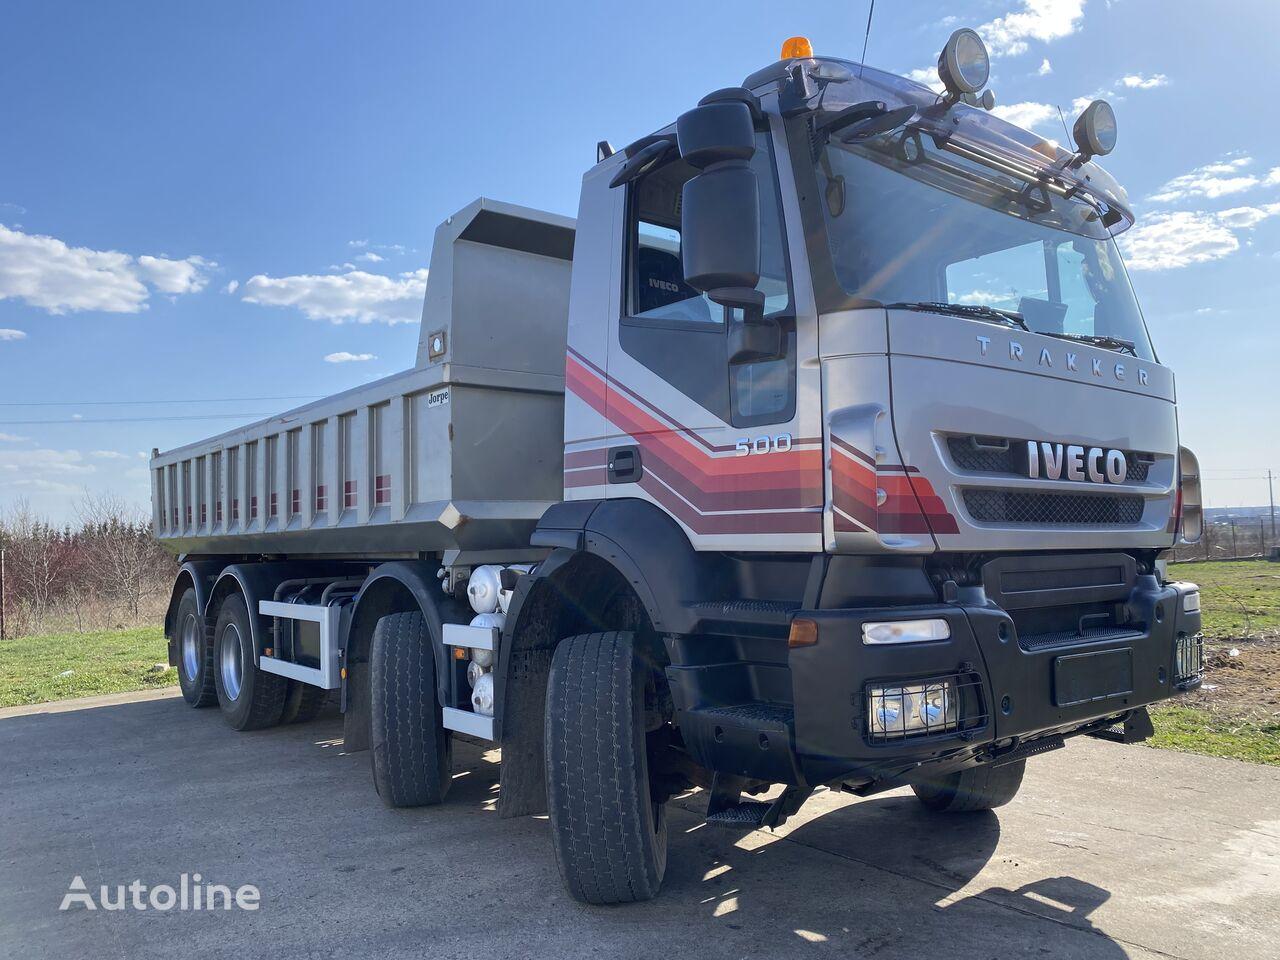 IVECO Trakker 8x4 500HP dump truck